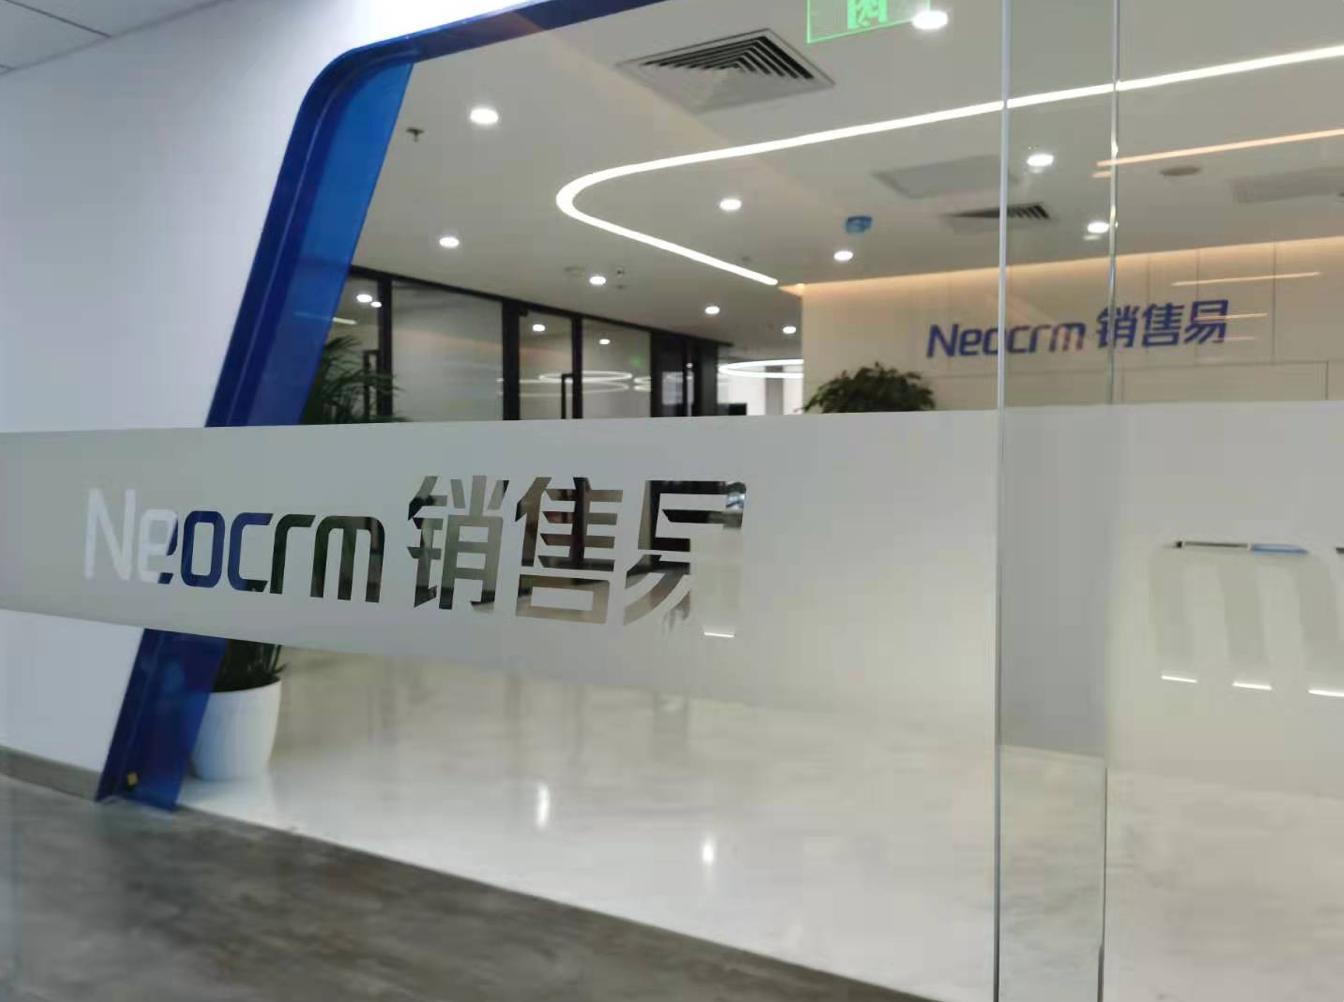 销售易获7000万美金新融资,推出SCRM新产品加大消费领域布局